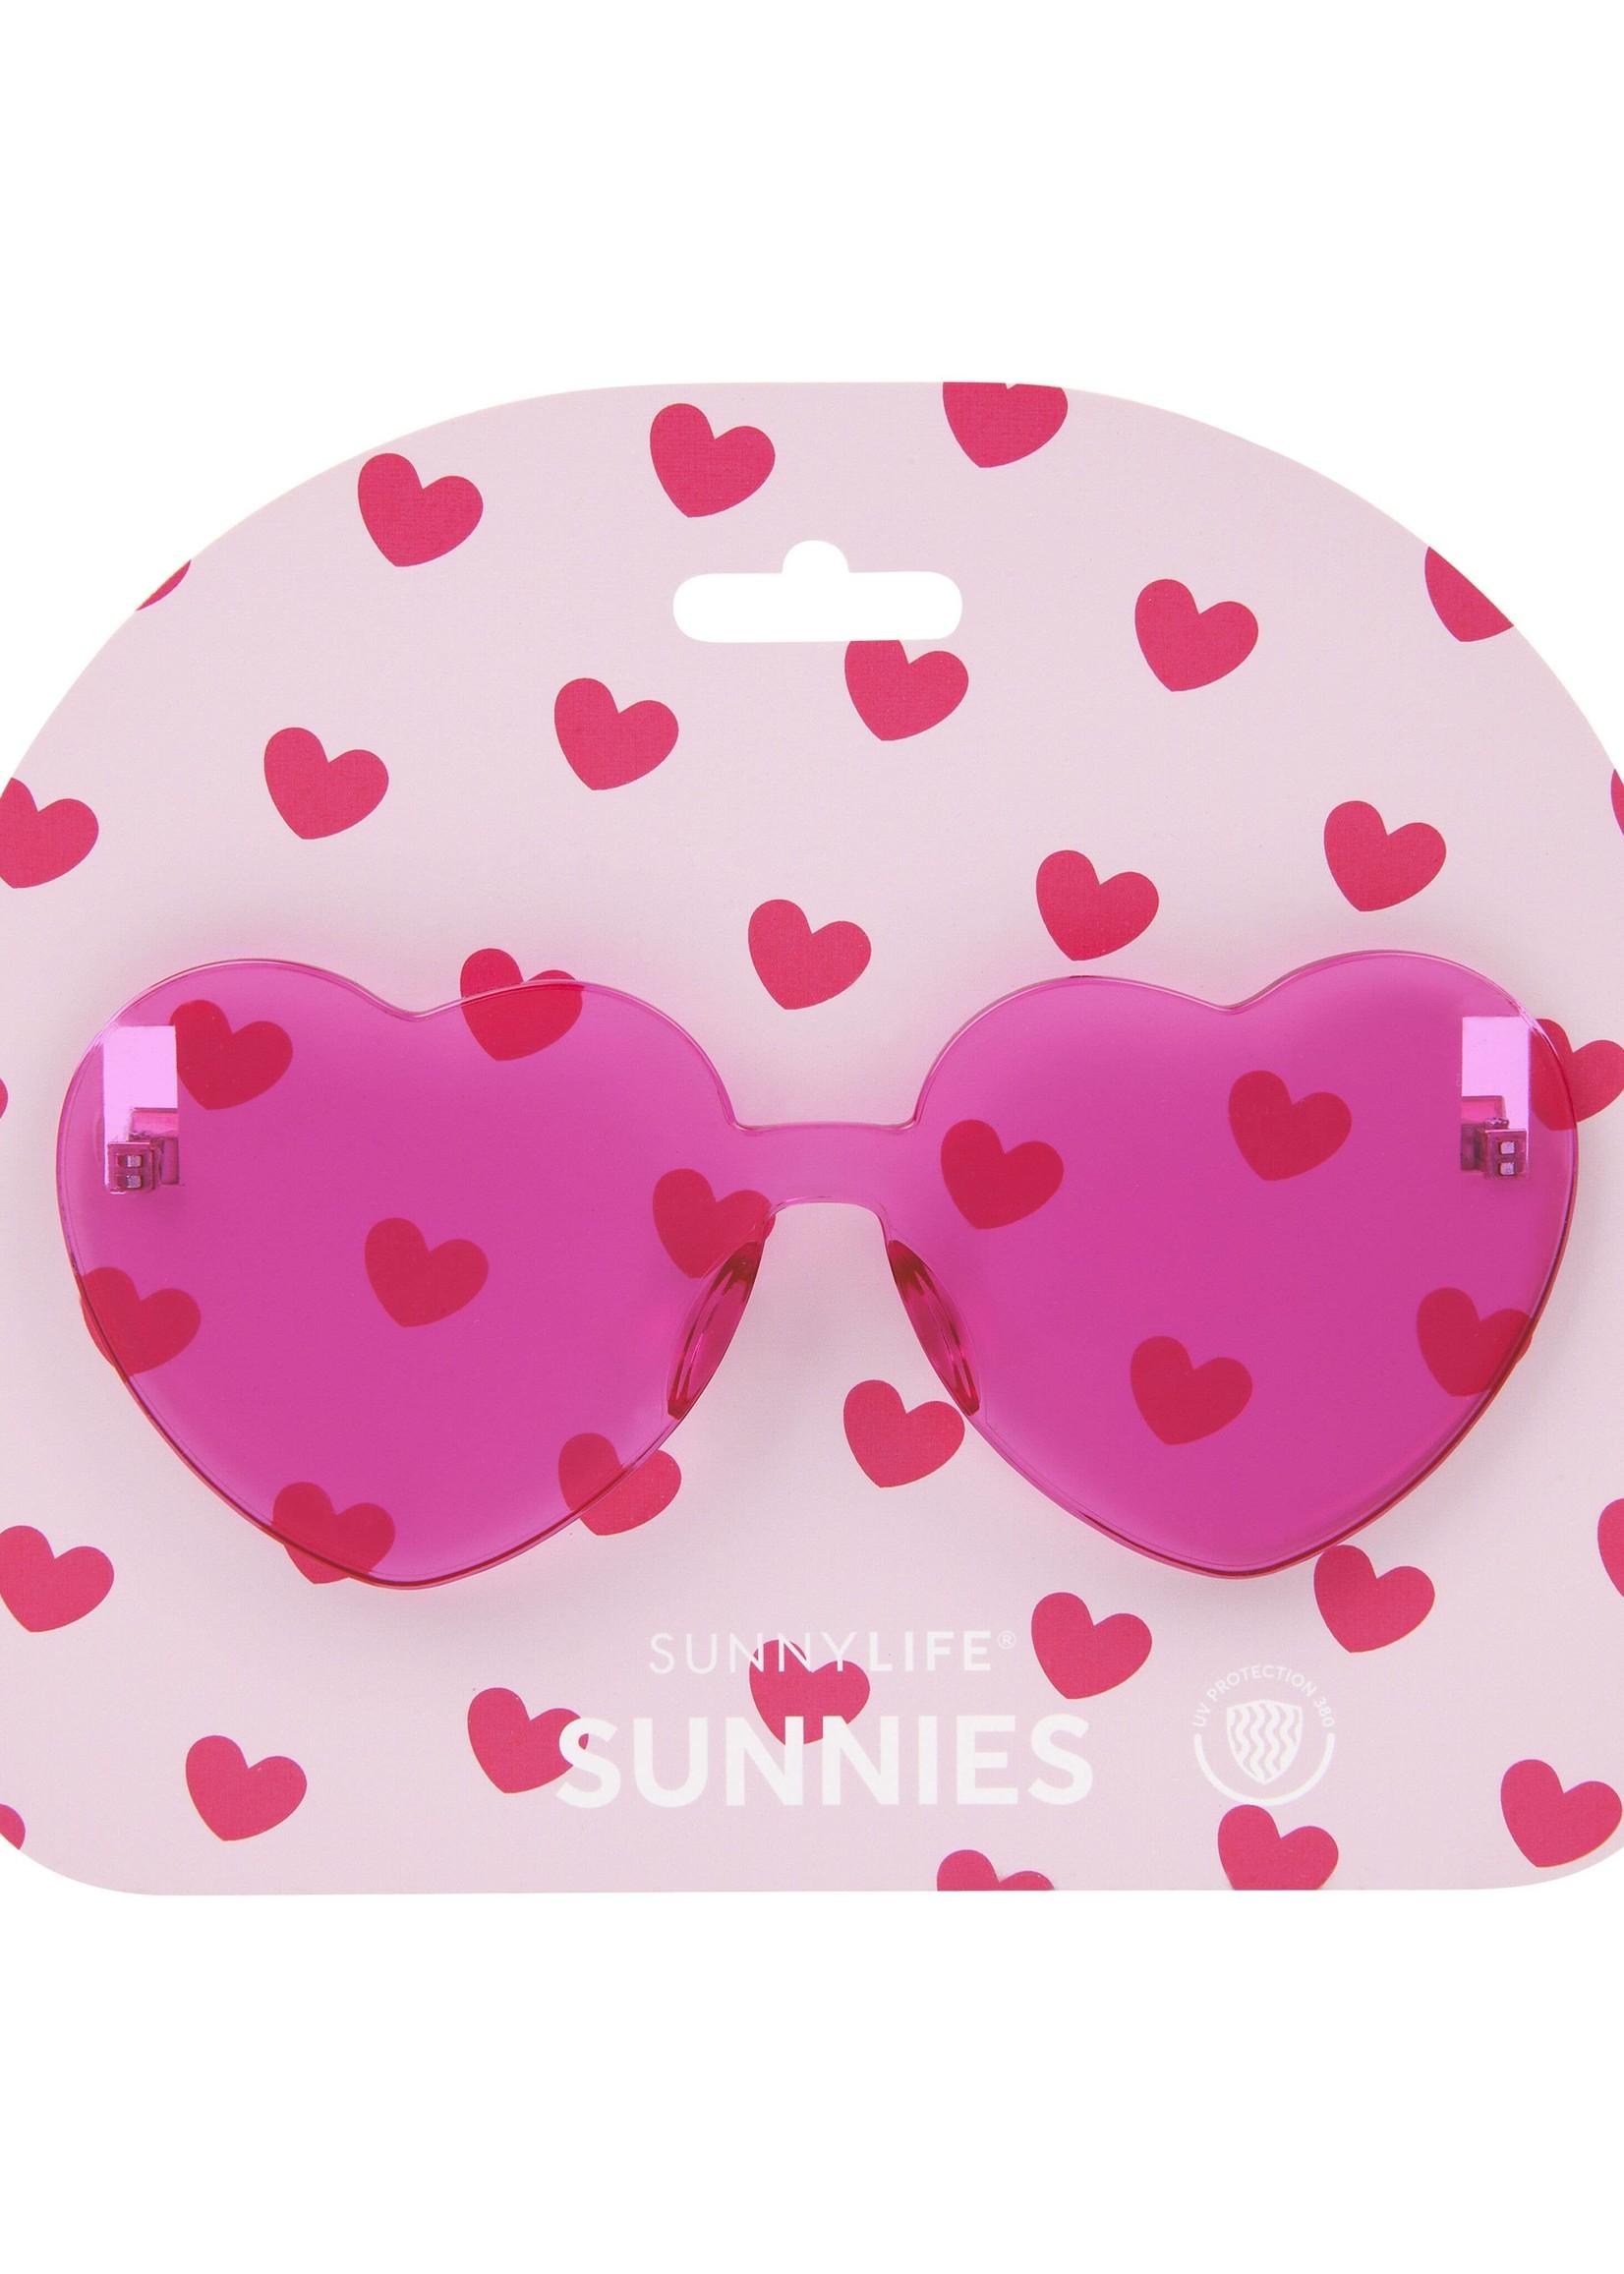 Heart Sunnies- Pink